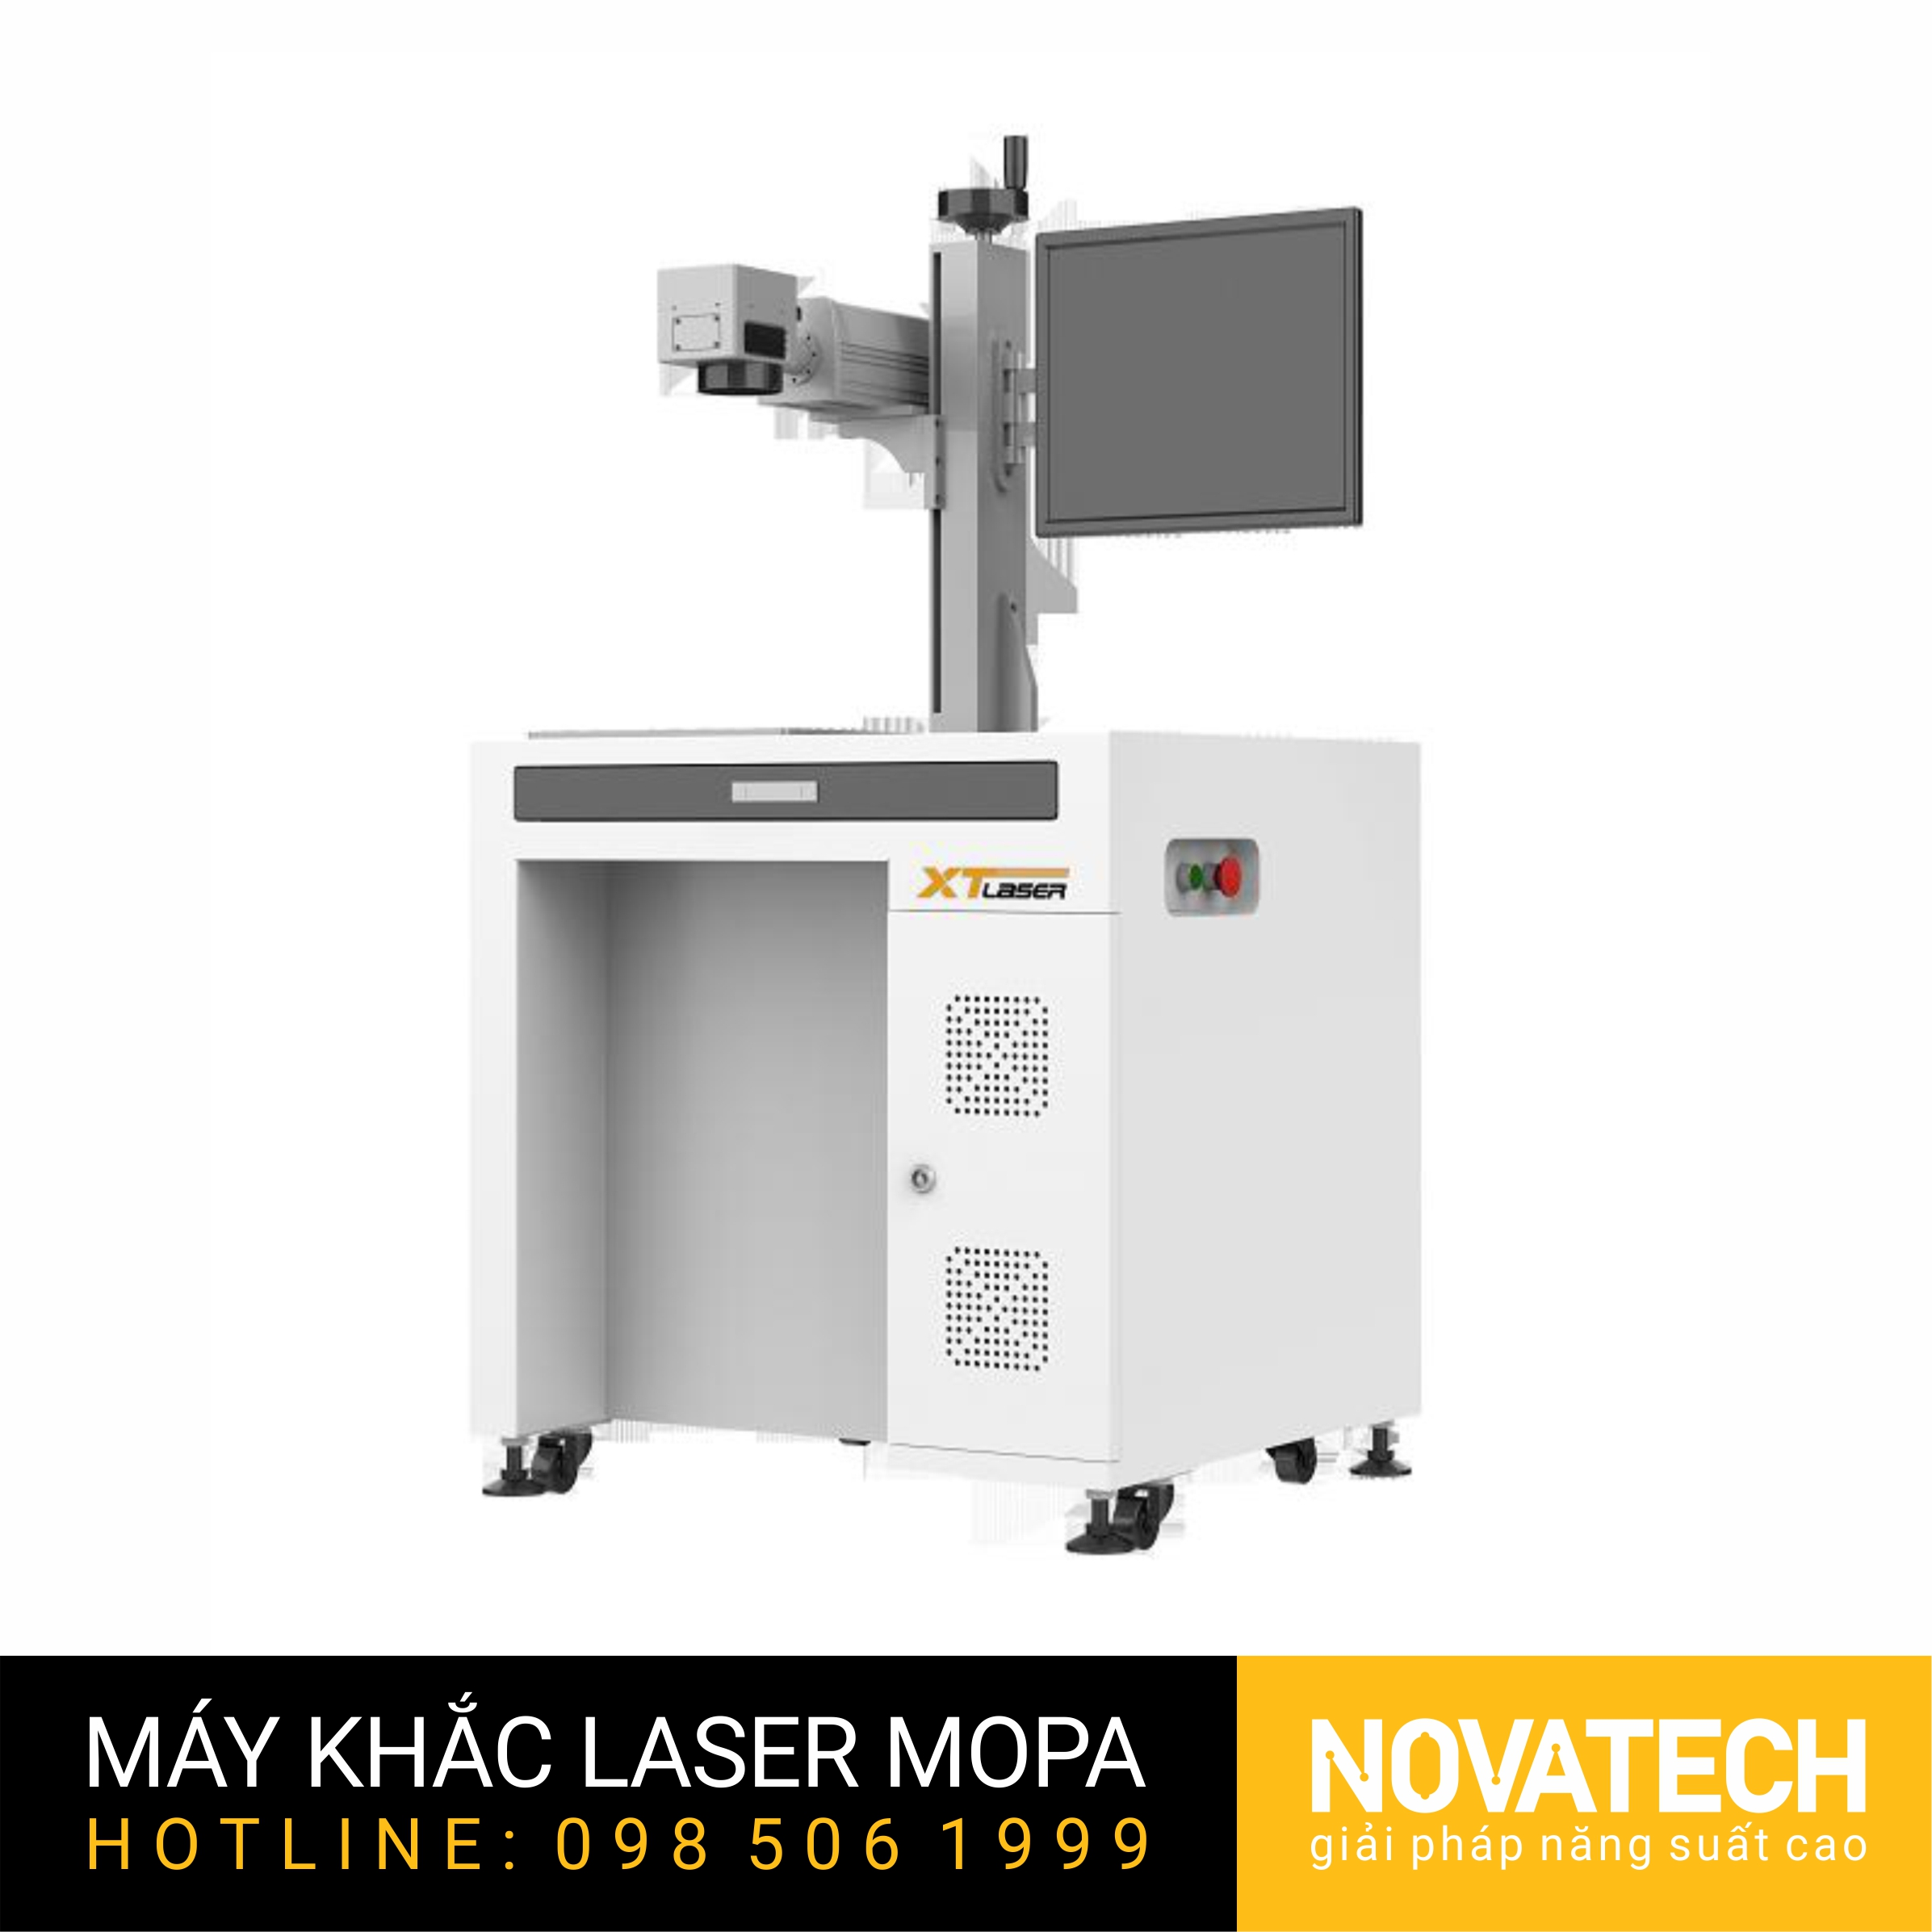 Máy khắc laser MOPA 20W XT-Laser kiểu desktop